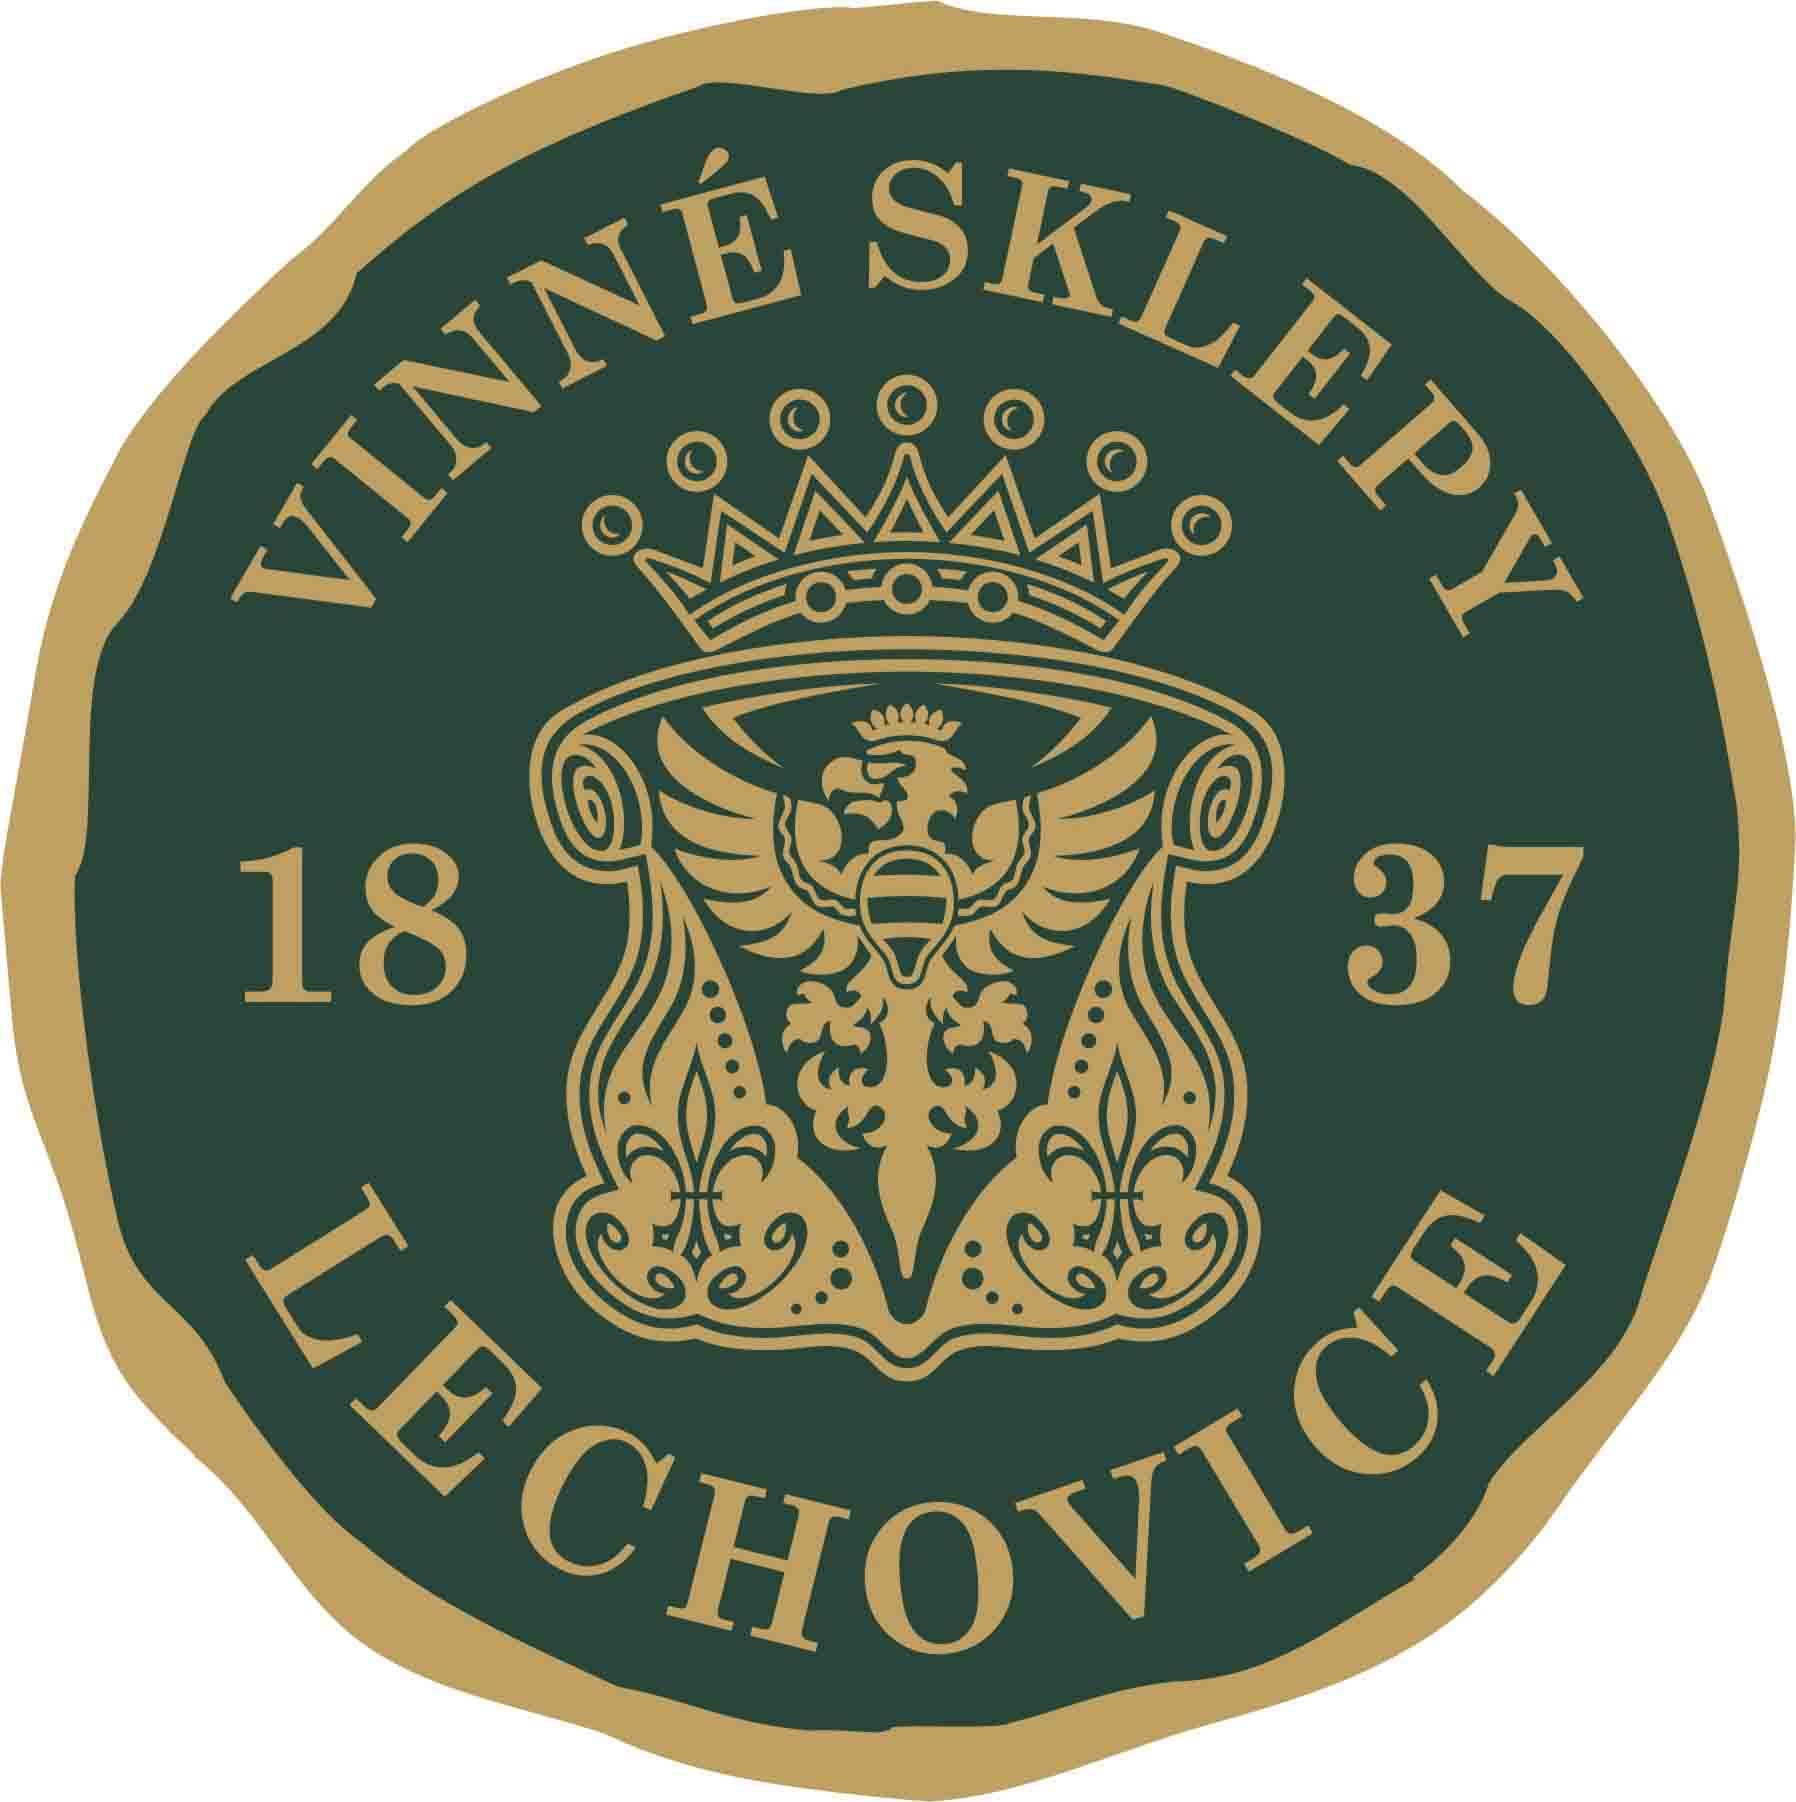 Vinné sklepy Lechovice LOGO F